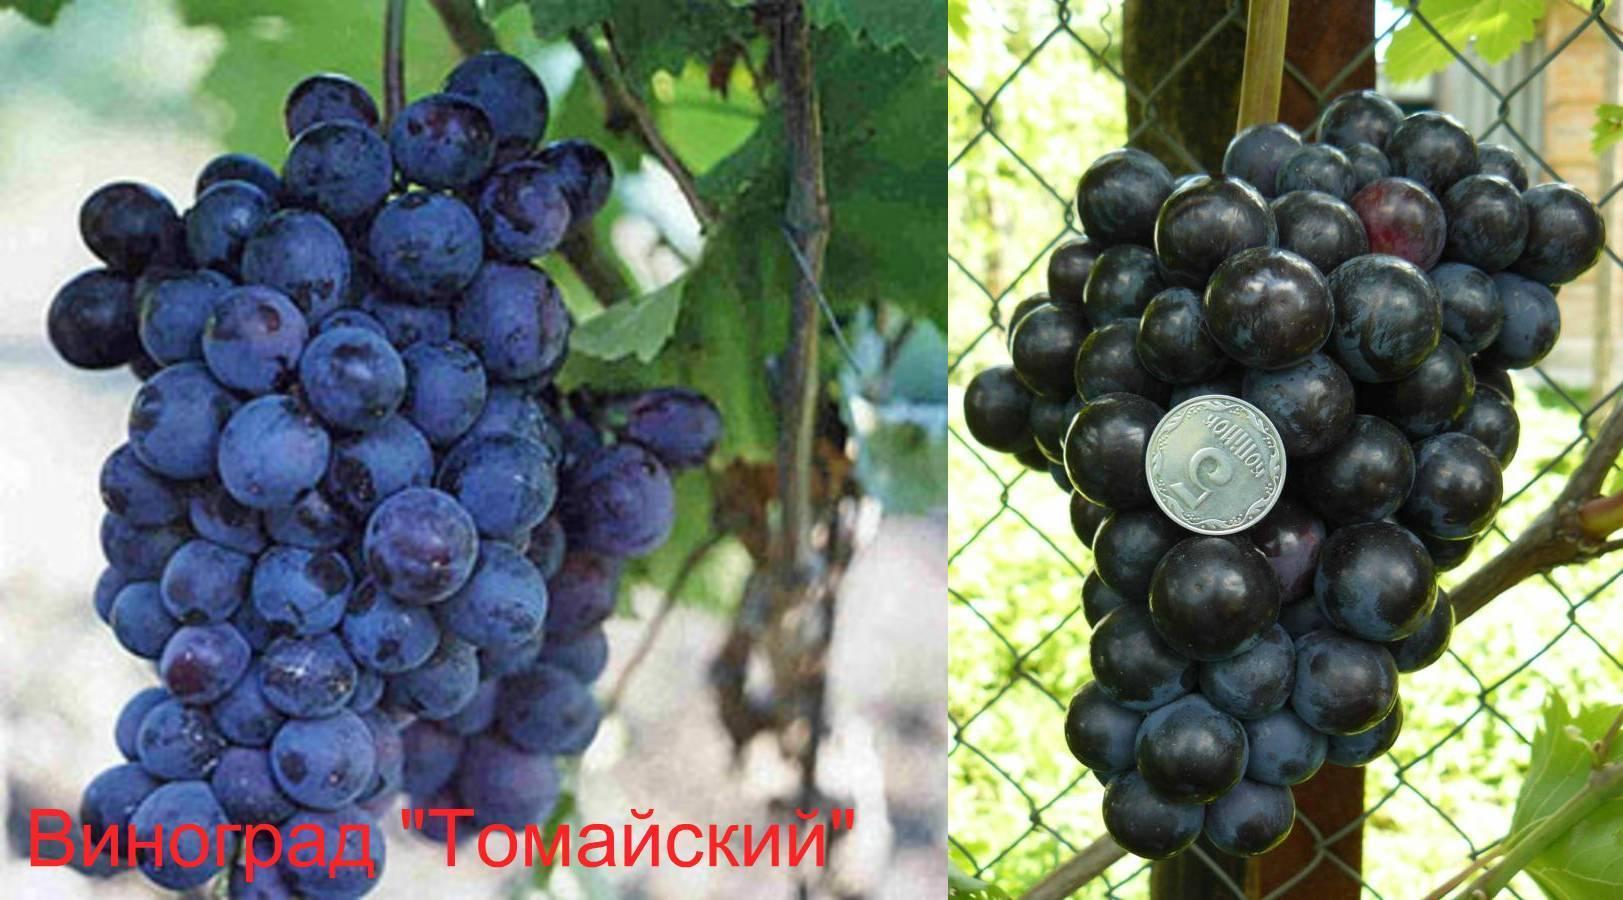 Описание винограда «фавор» с фотографиями и отзывами